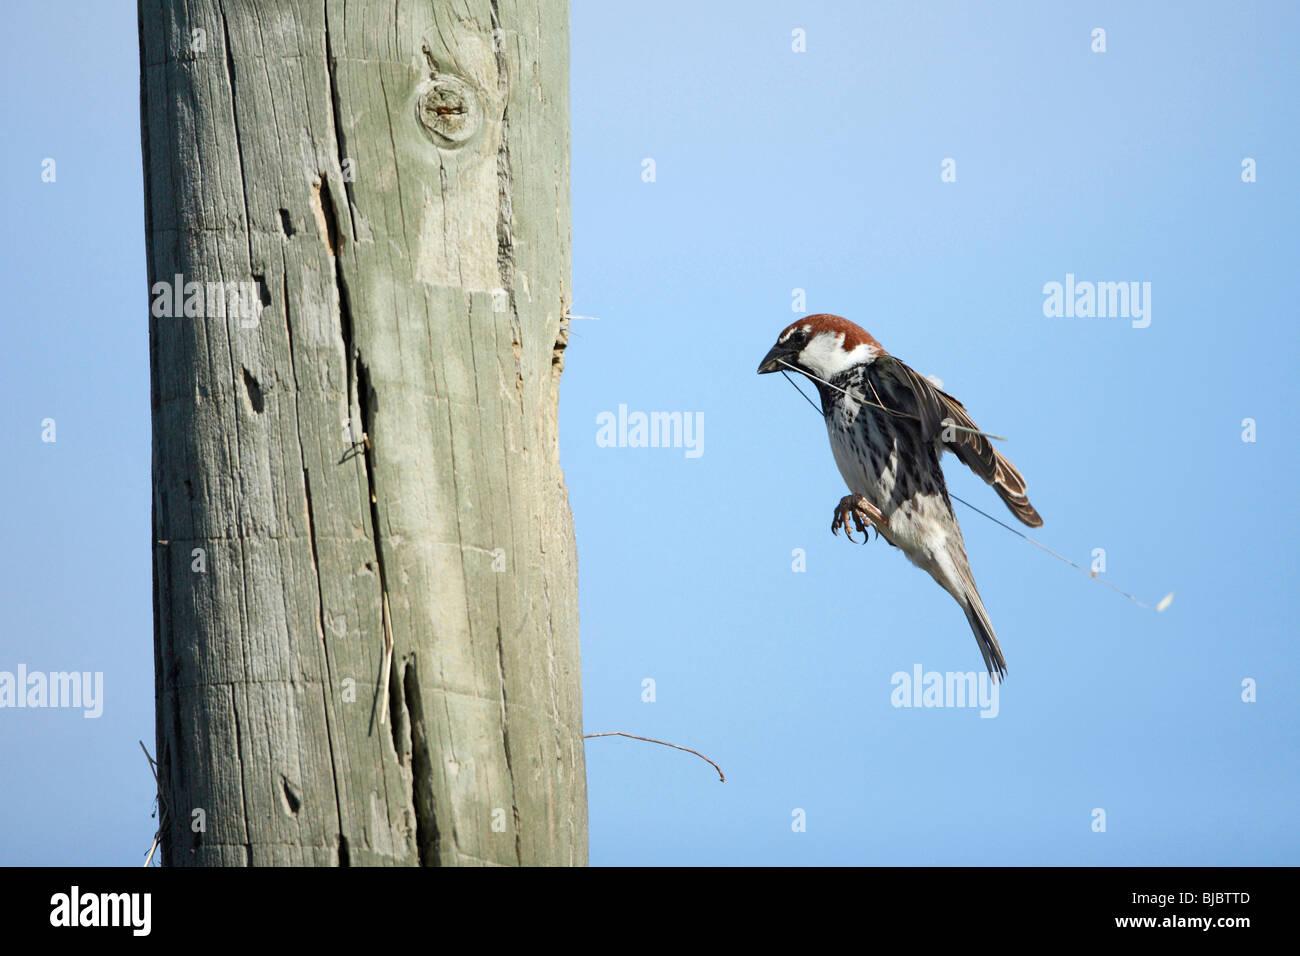 Moineau espagnol (Passer hispaniolensis), homme à l'atterrissage à nid de matériau, Portugal Photo Stock